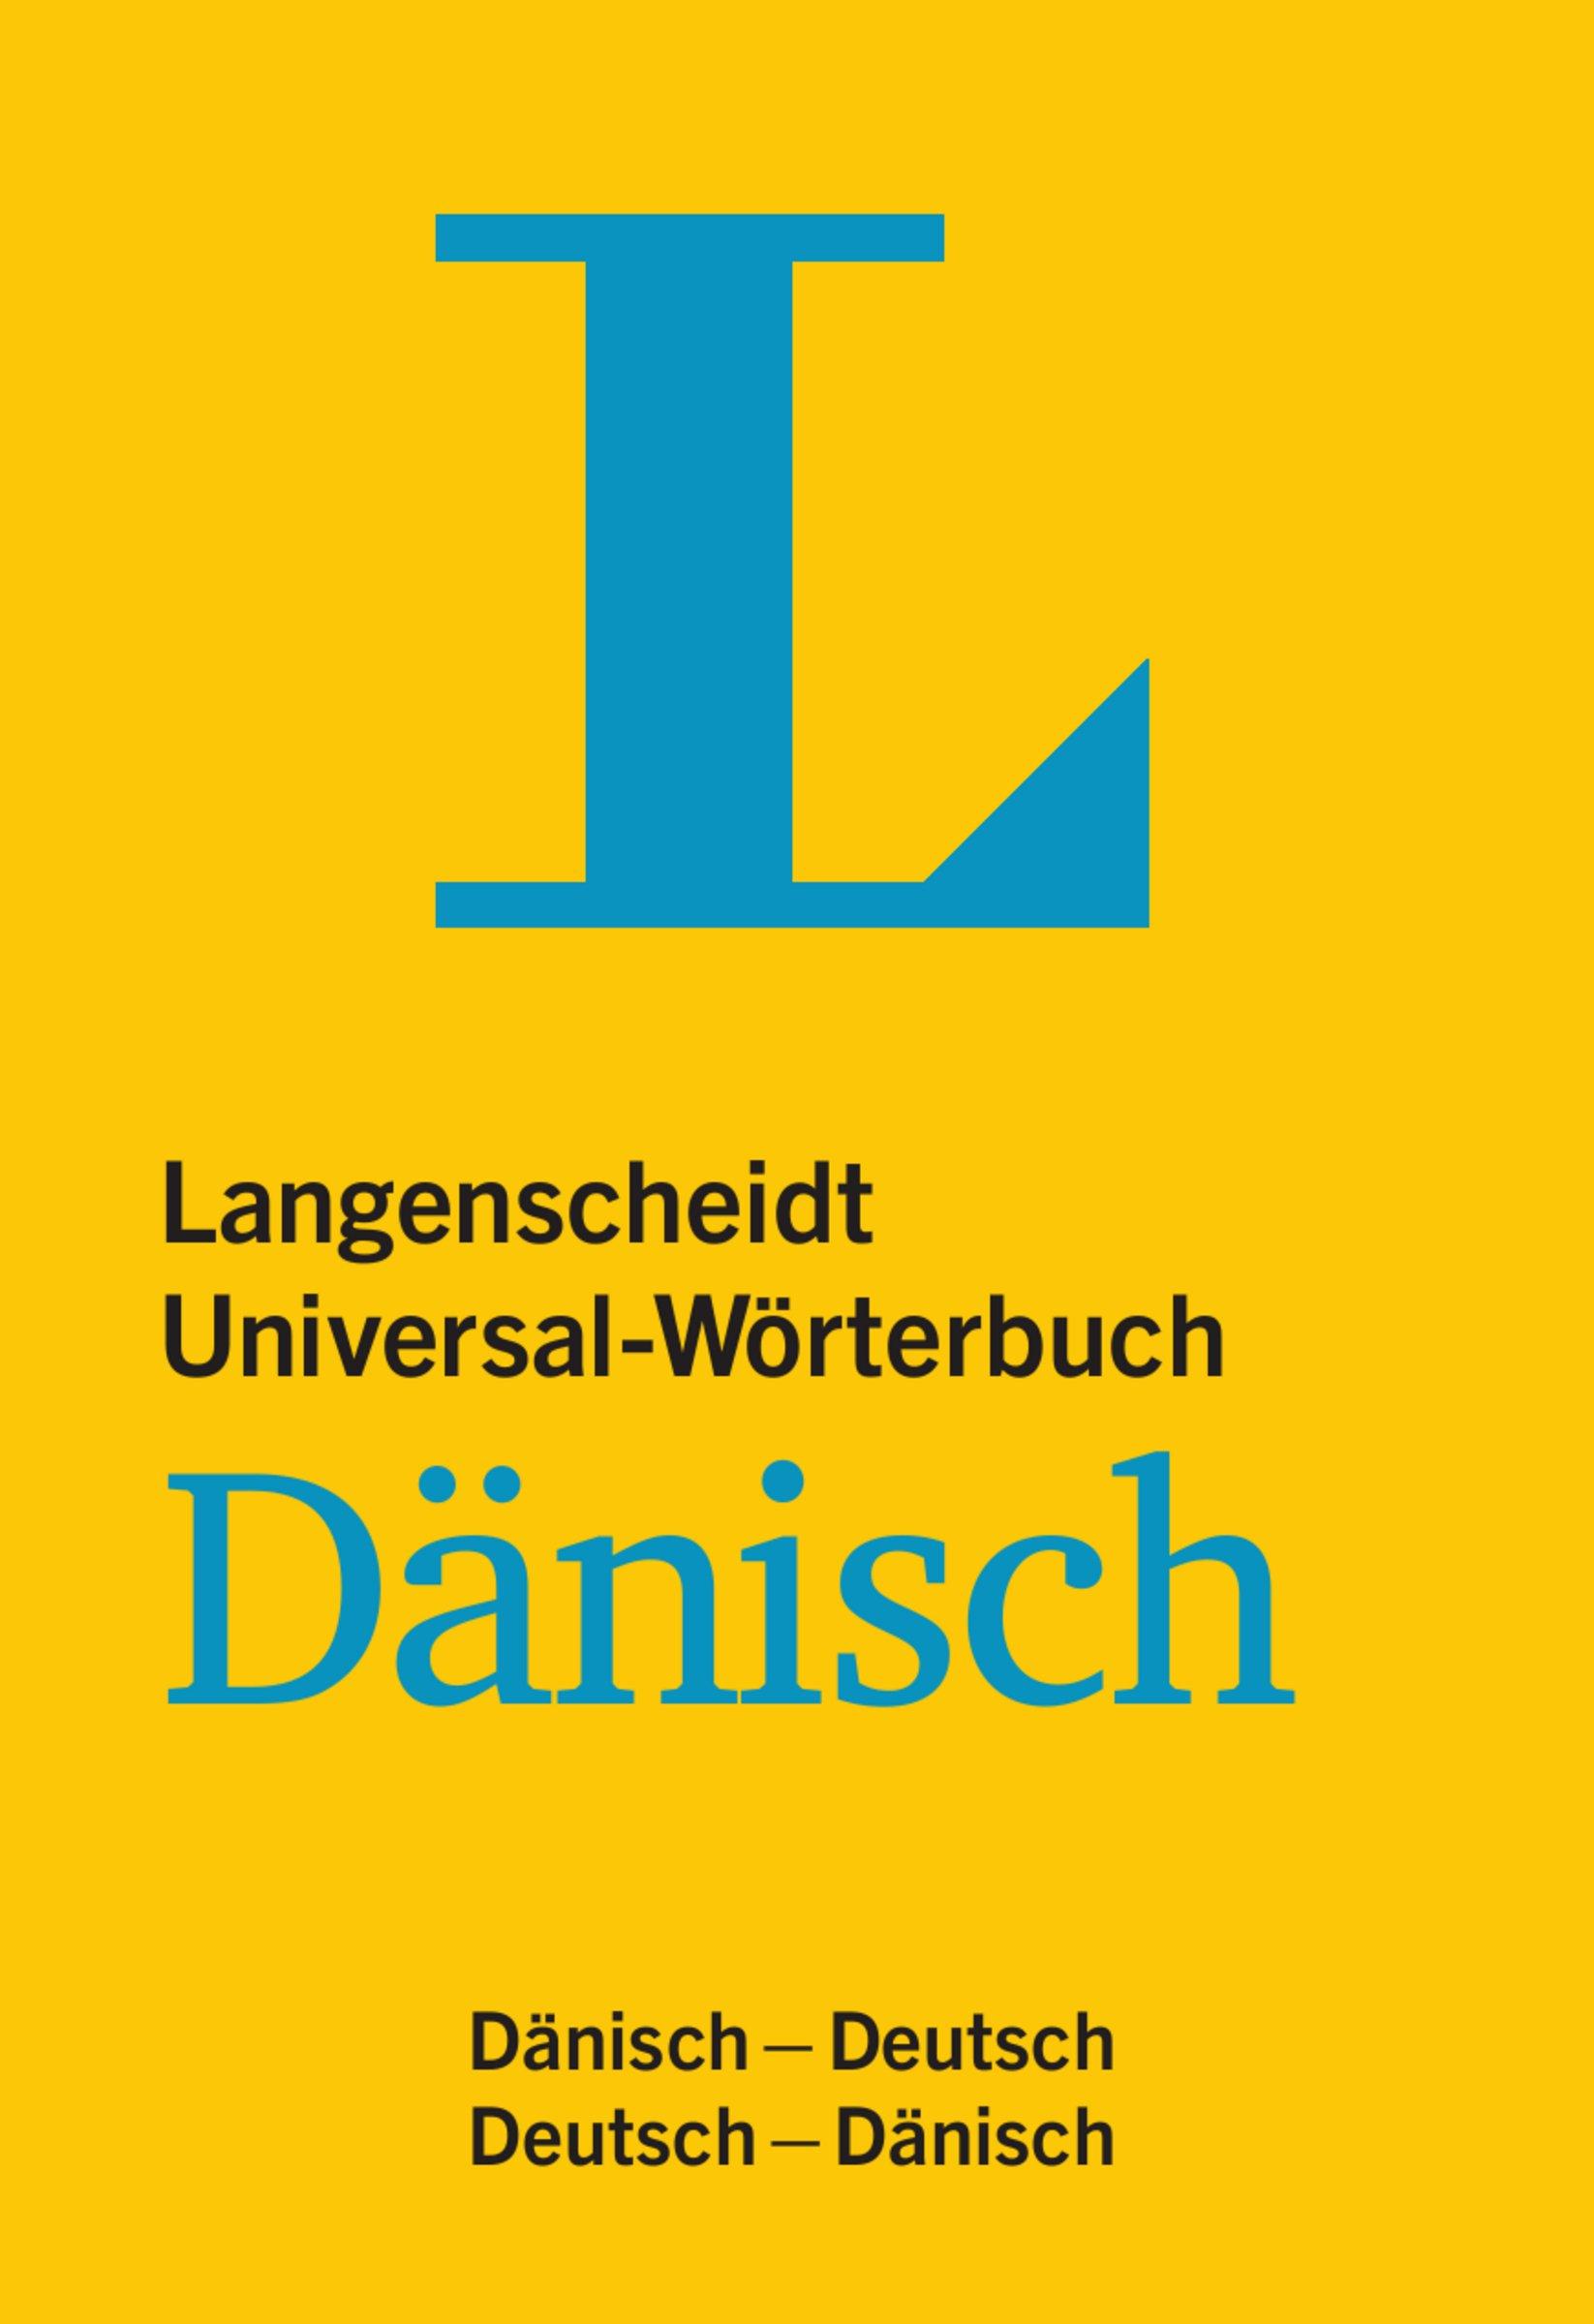 Langenscheidt Universal-Wörterbuch Dänisch - mit Tipps für die Reise: Dänisch-Deutsch/Deutsch-Dänisch (Langenscheidt Universal-Wörterbücher)